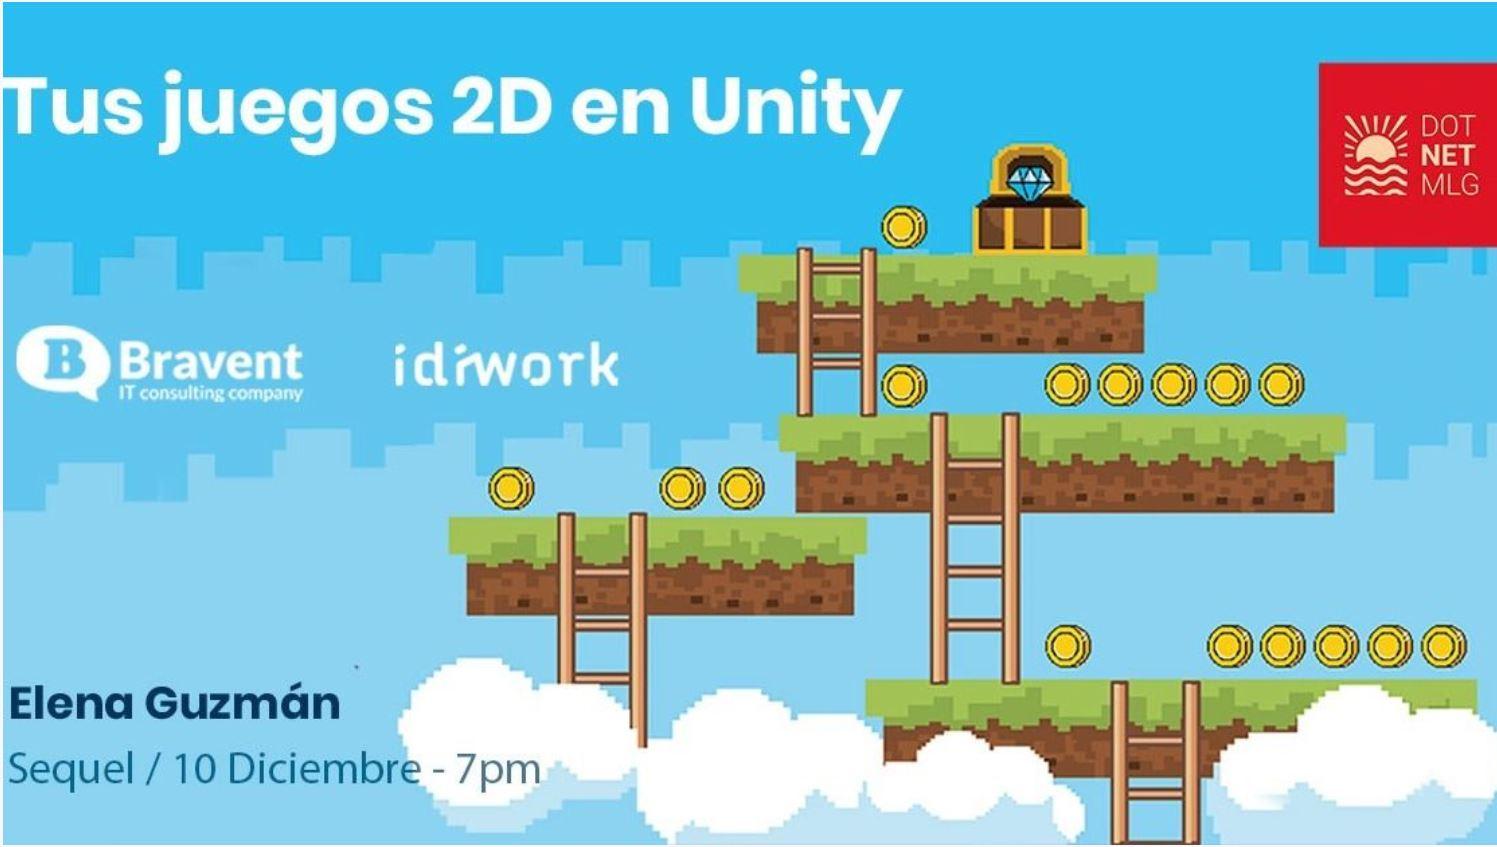 Tus juegos 2D en Unity